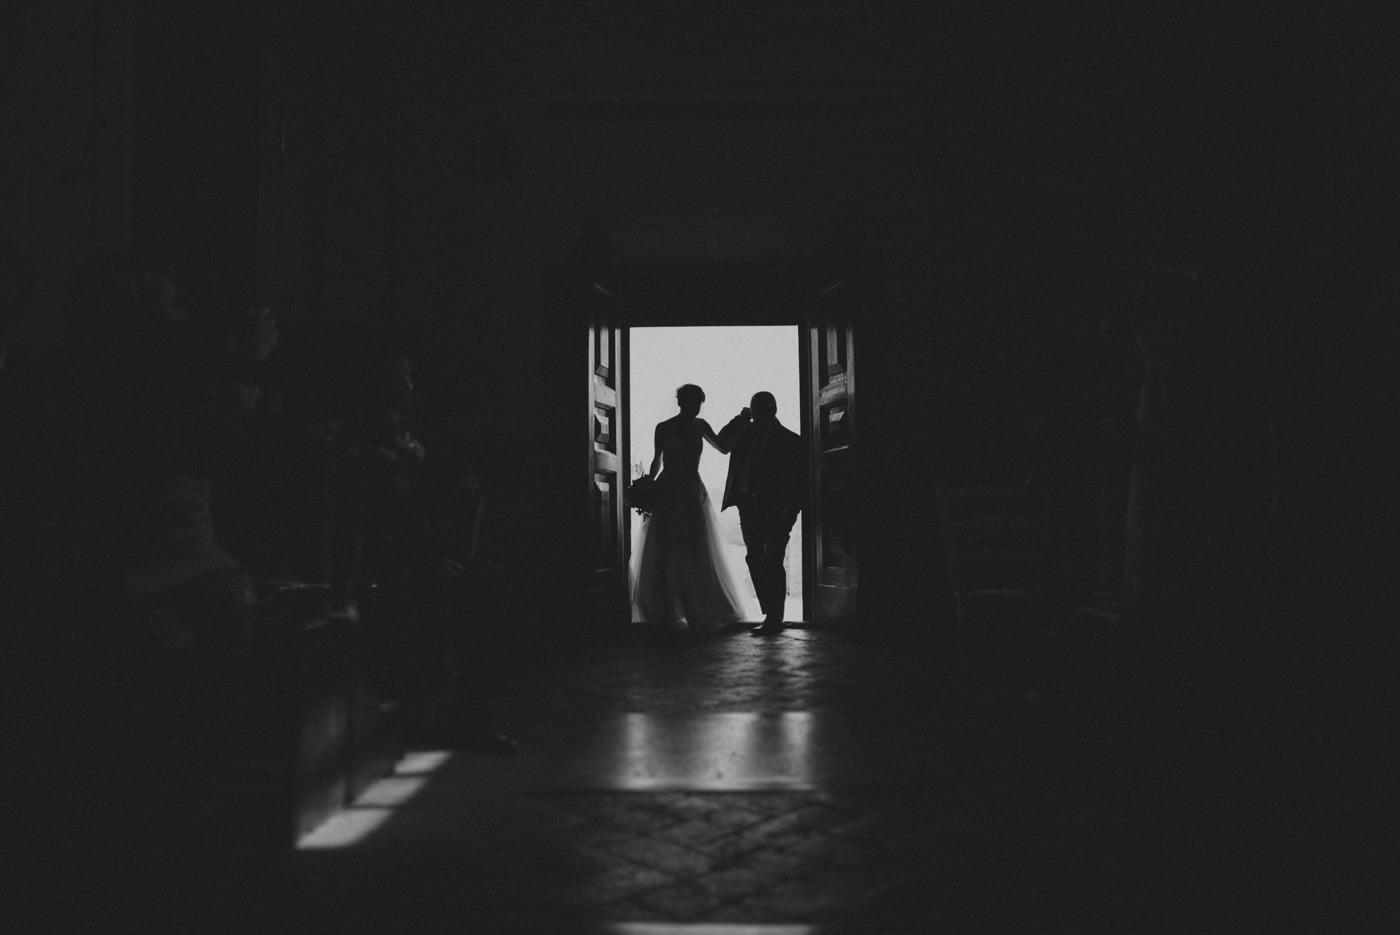 002-wedding-tuscany-rignana